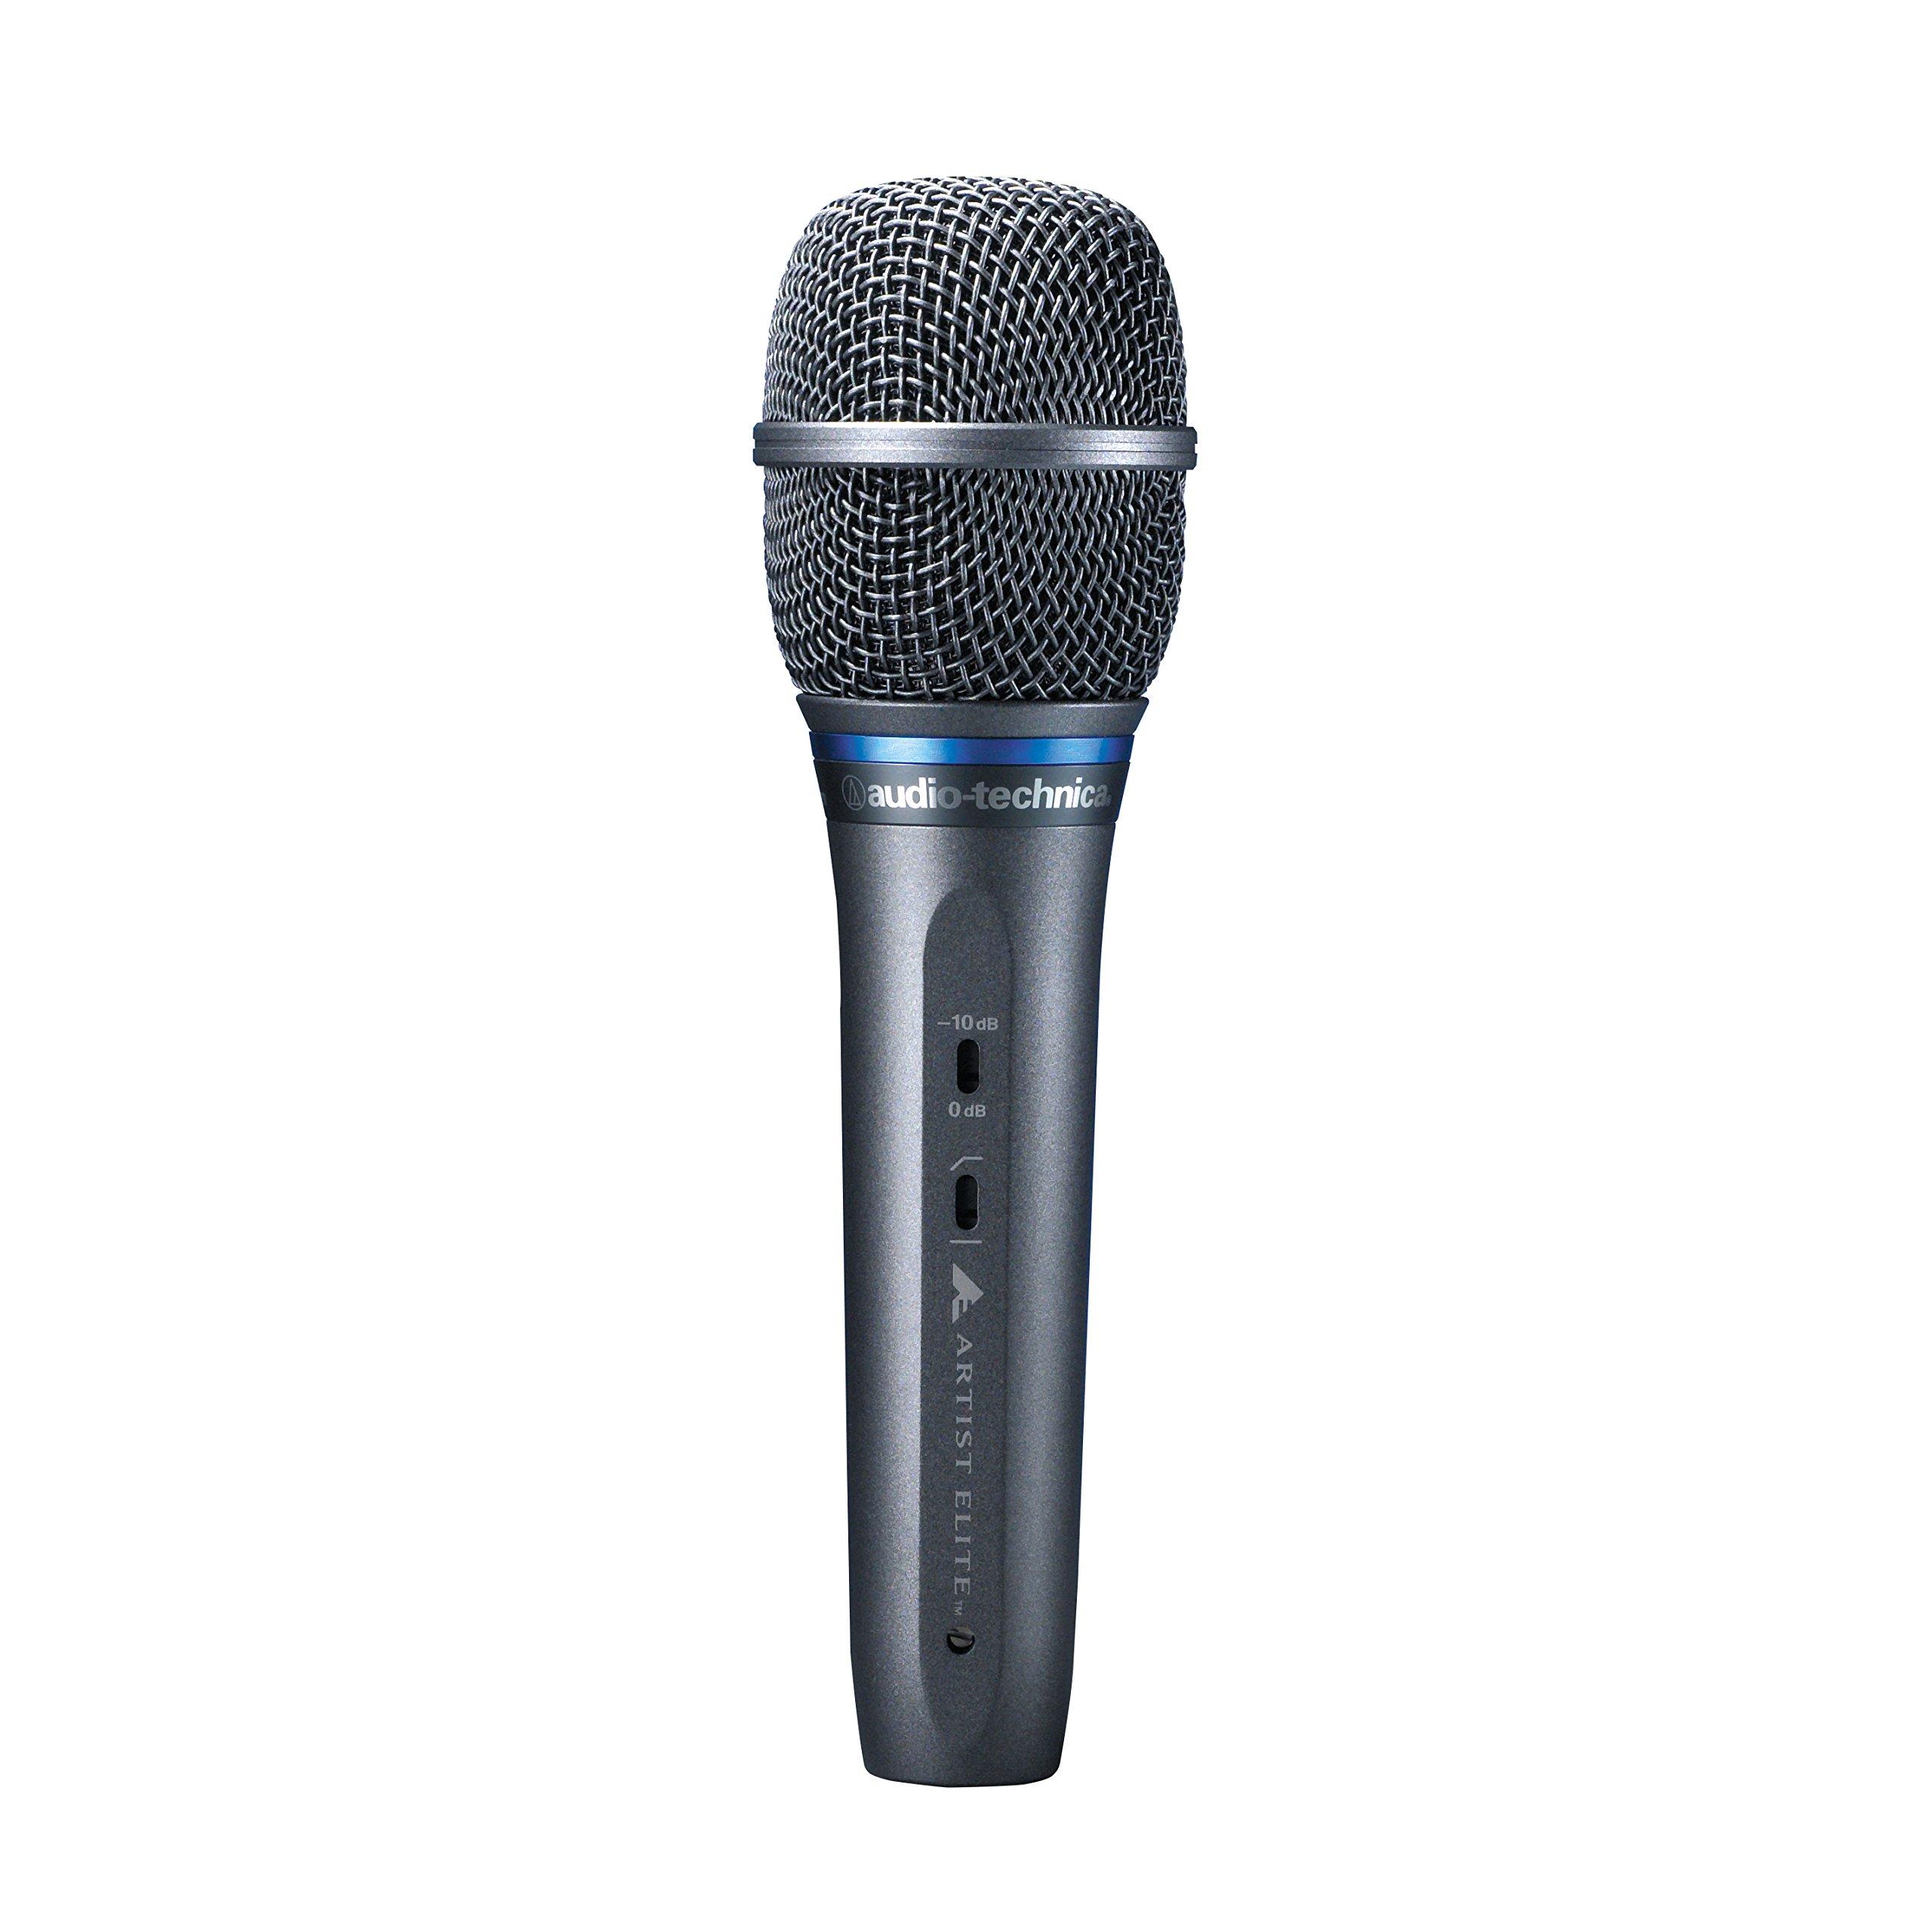 Microfono Audio-Technica AE3300 Cardioid Condenser ...